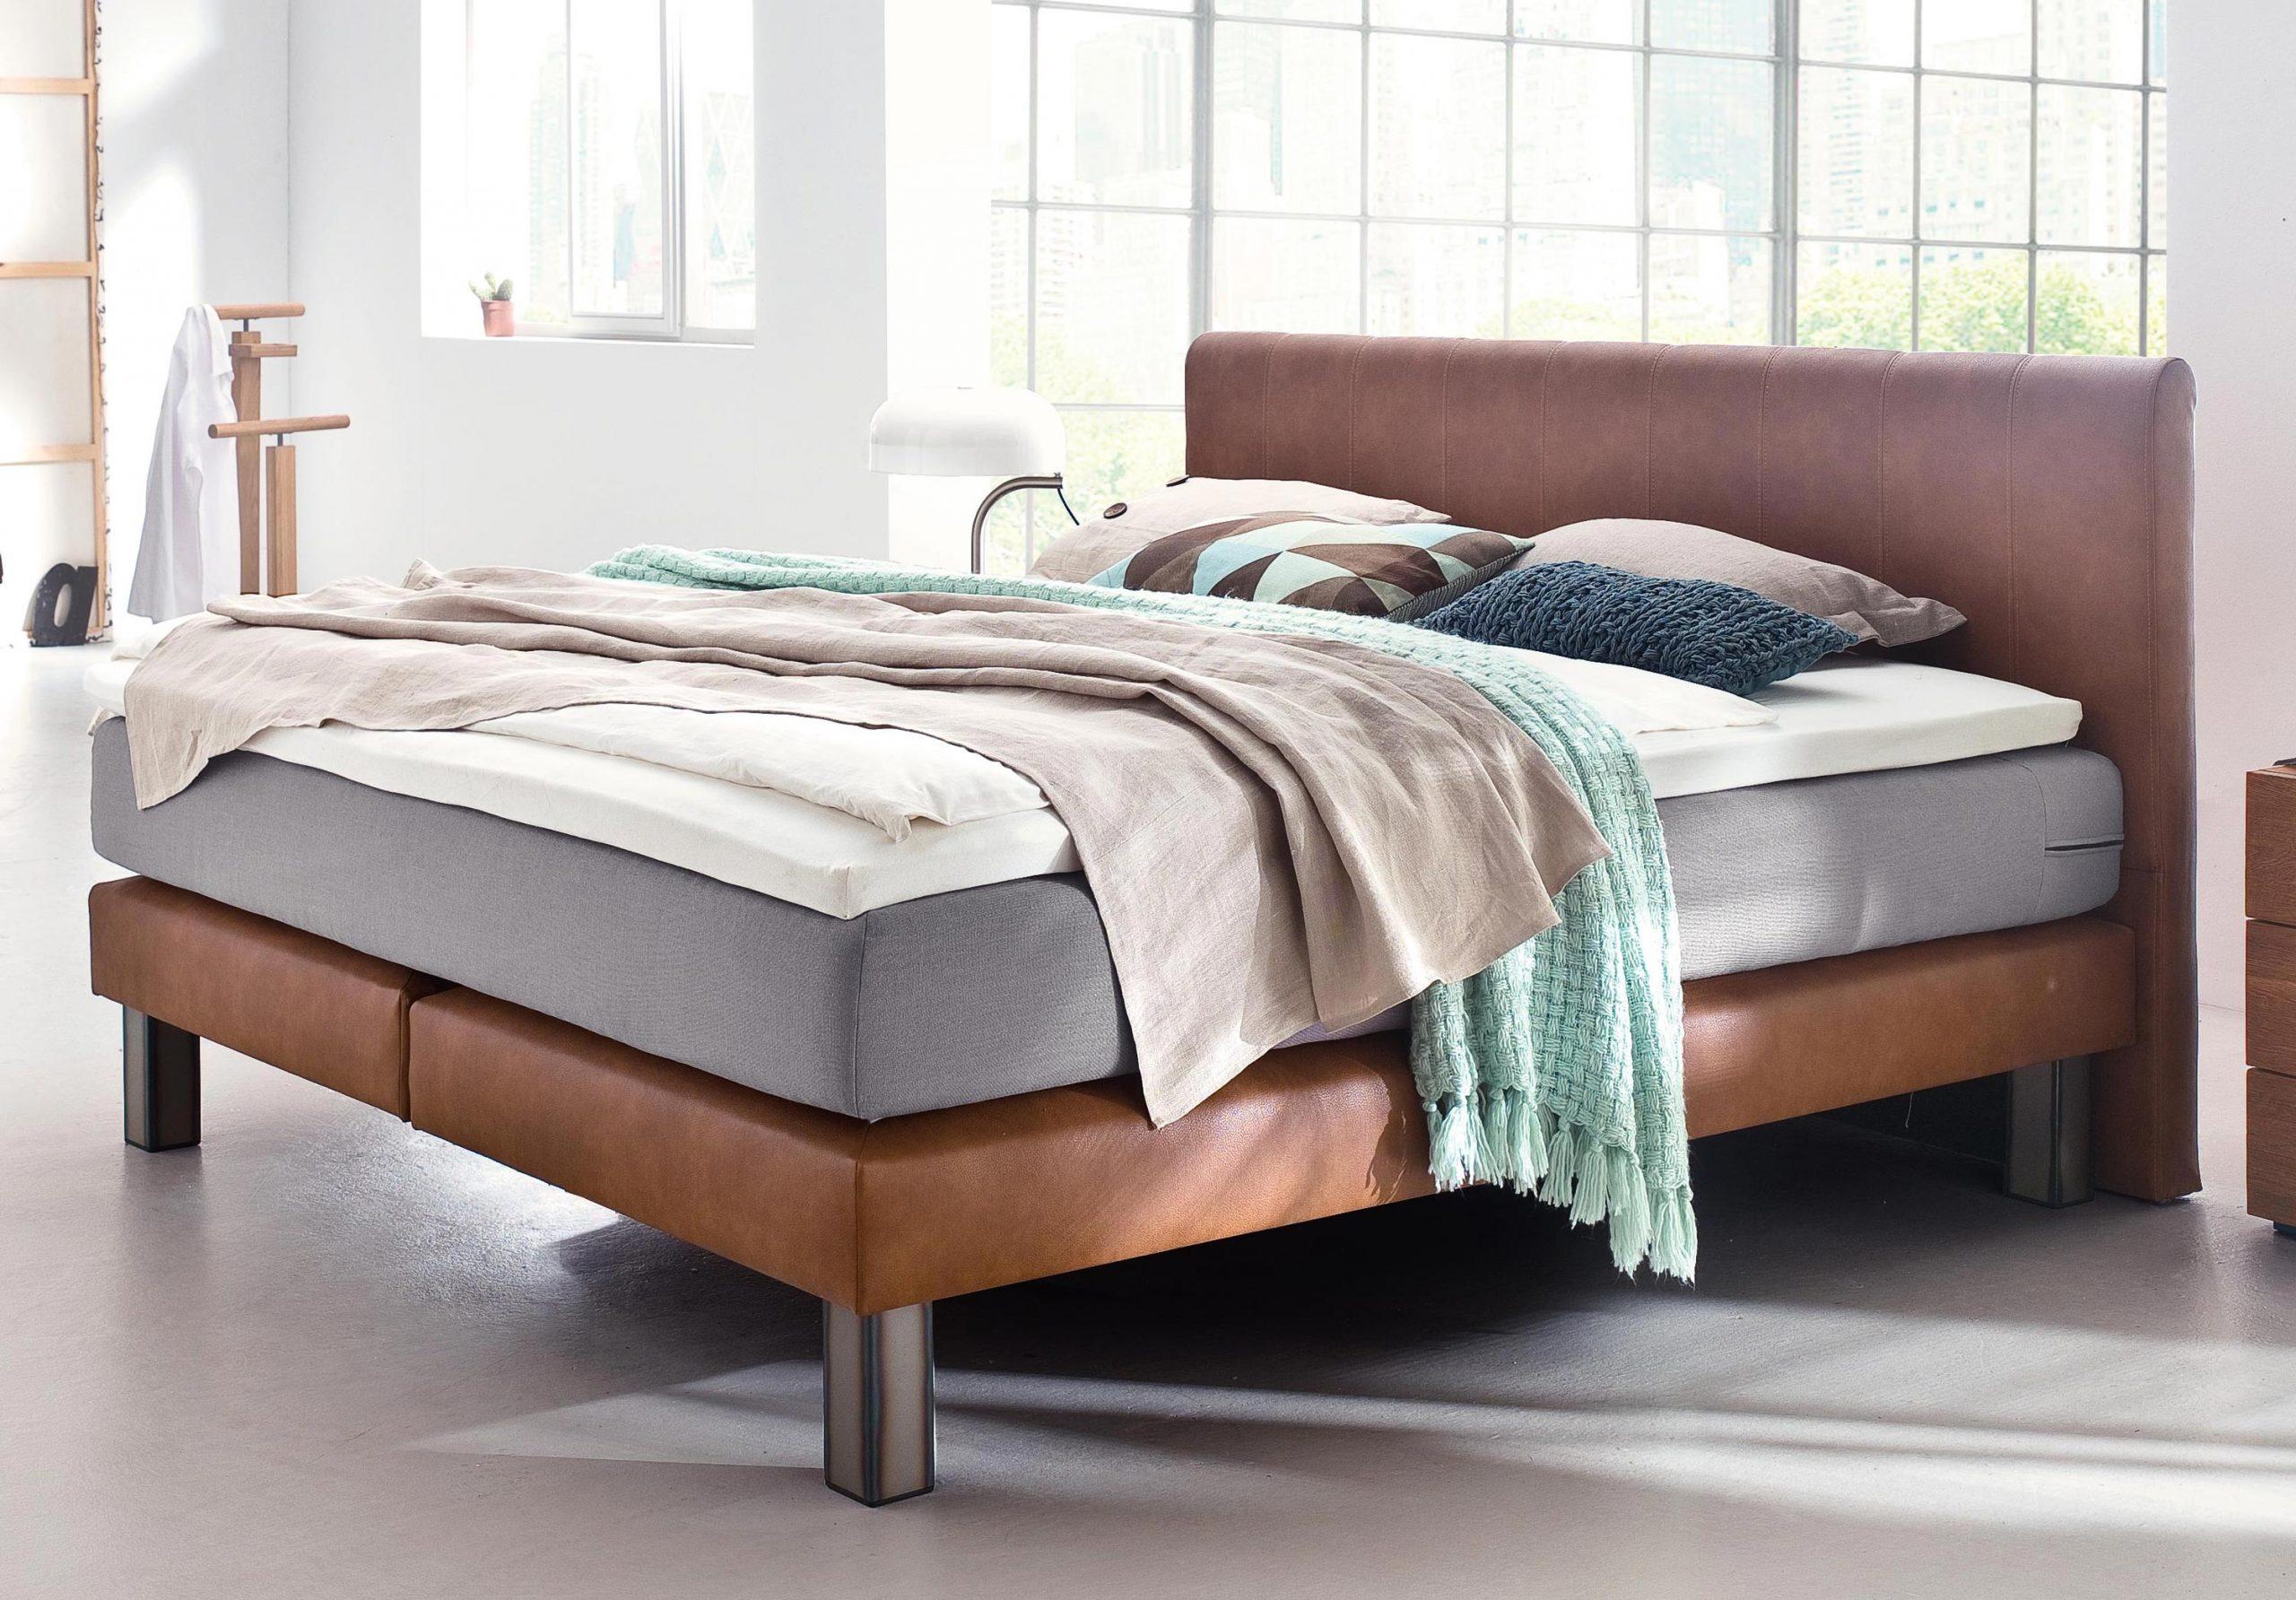 Full Size of Bett Modern 120x200 Kaufen Eiche Sleep Better Leader Beyond Pillow 180x200 Holz Italienisches Design Puristisch 140x200 Betten Mit Matratze Lattenrost Schrank Wohnzimmer Bett Modern